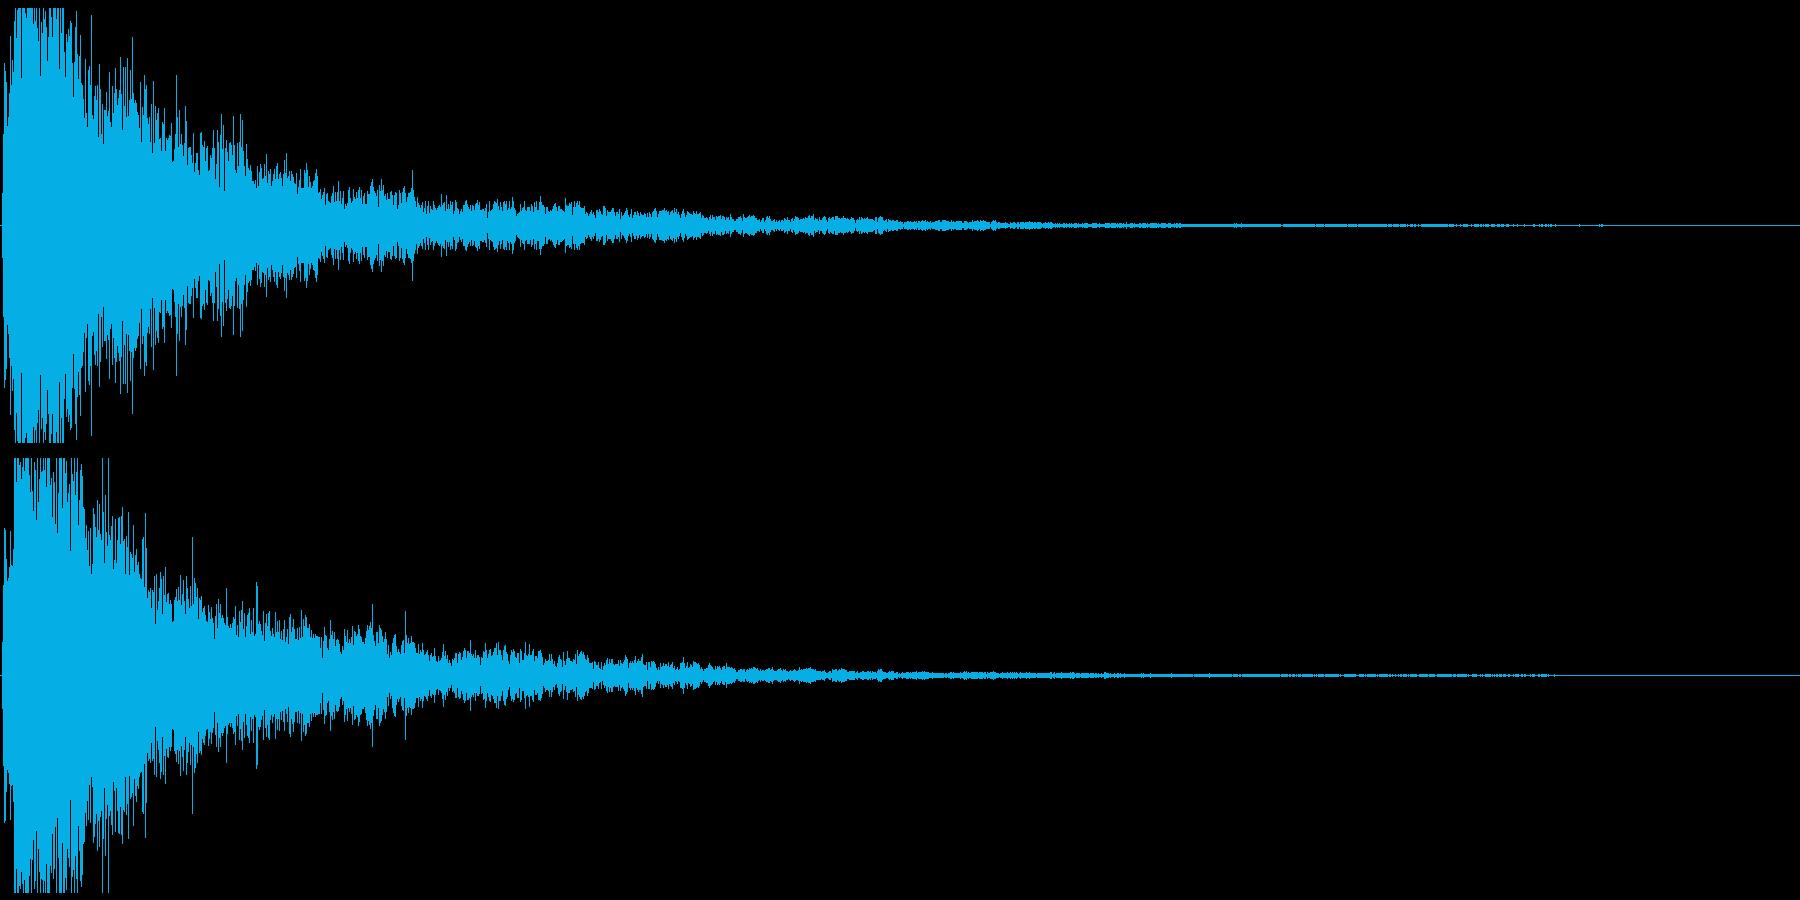 ボヨヨヨン~ ぶっ飛ばされた時の効果音の再生済みの波形